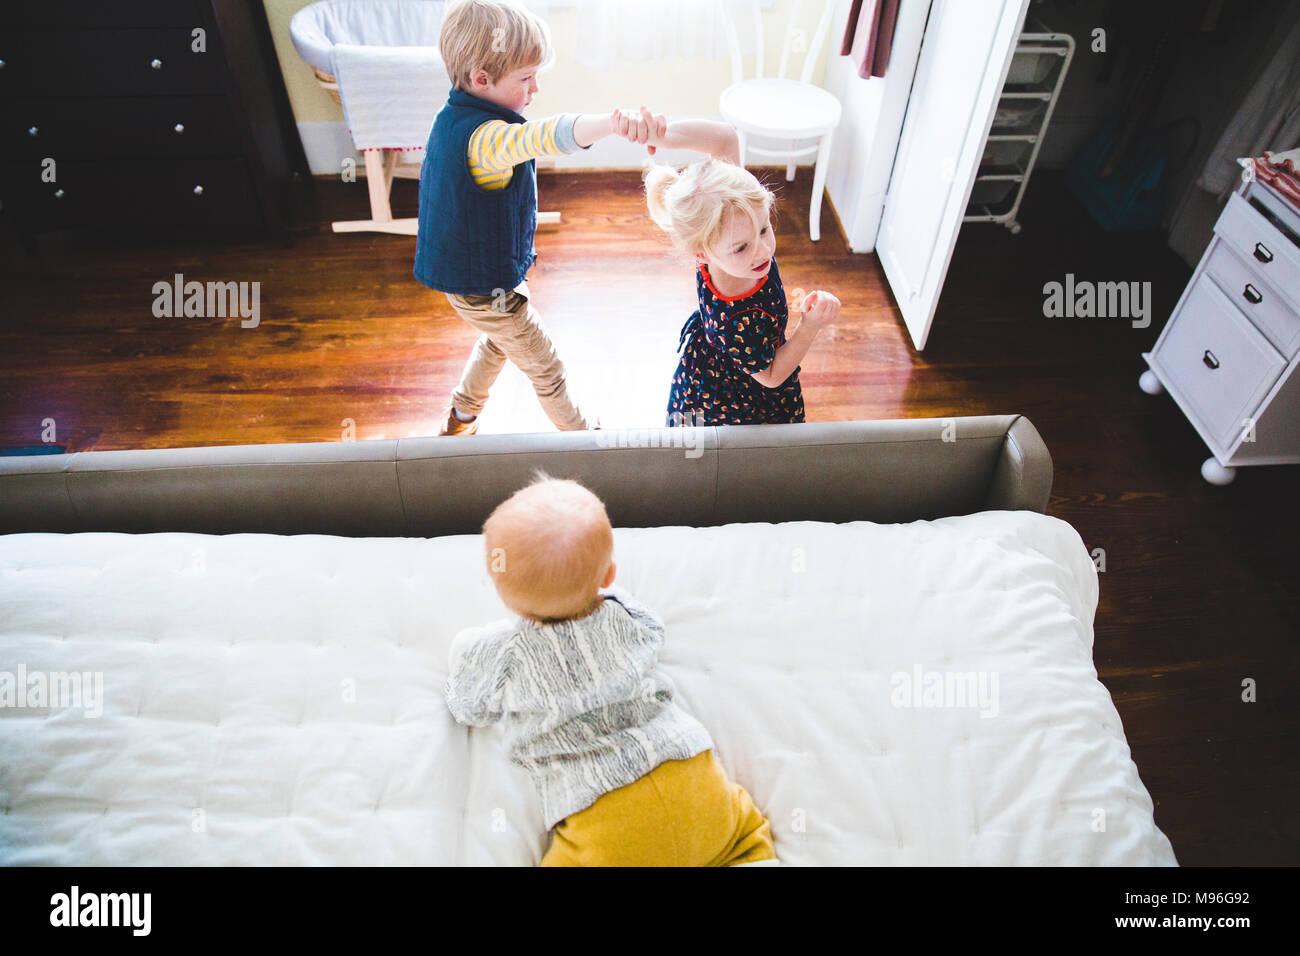 Children playing around bed - Stock Image